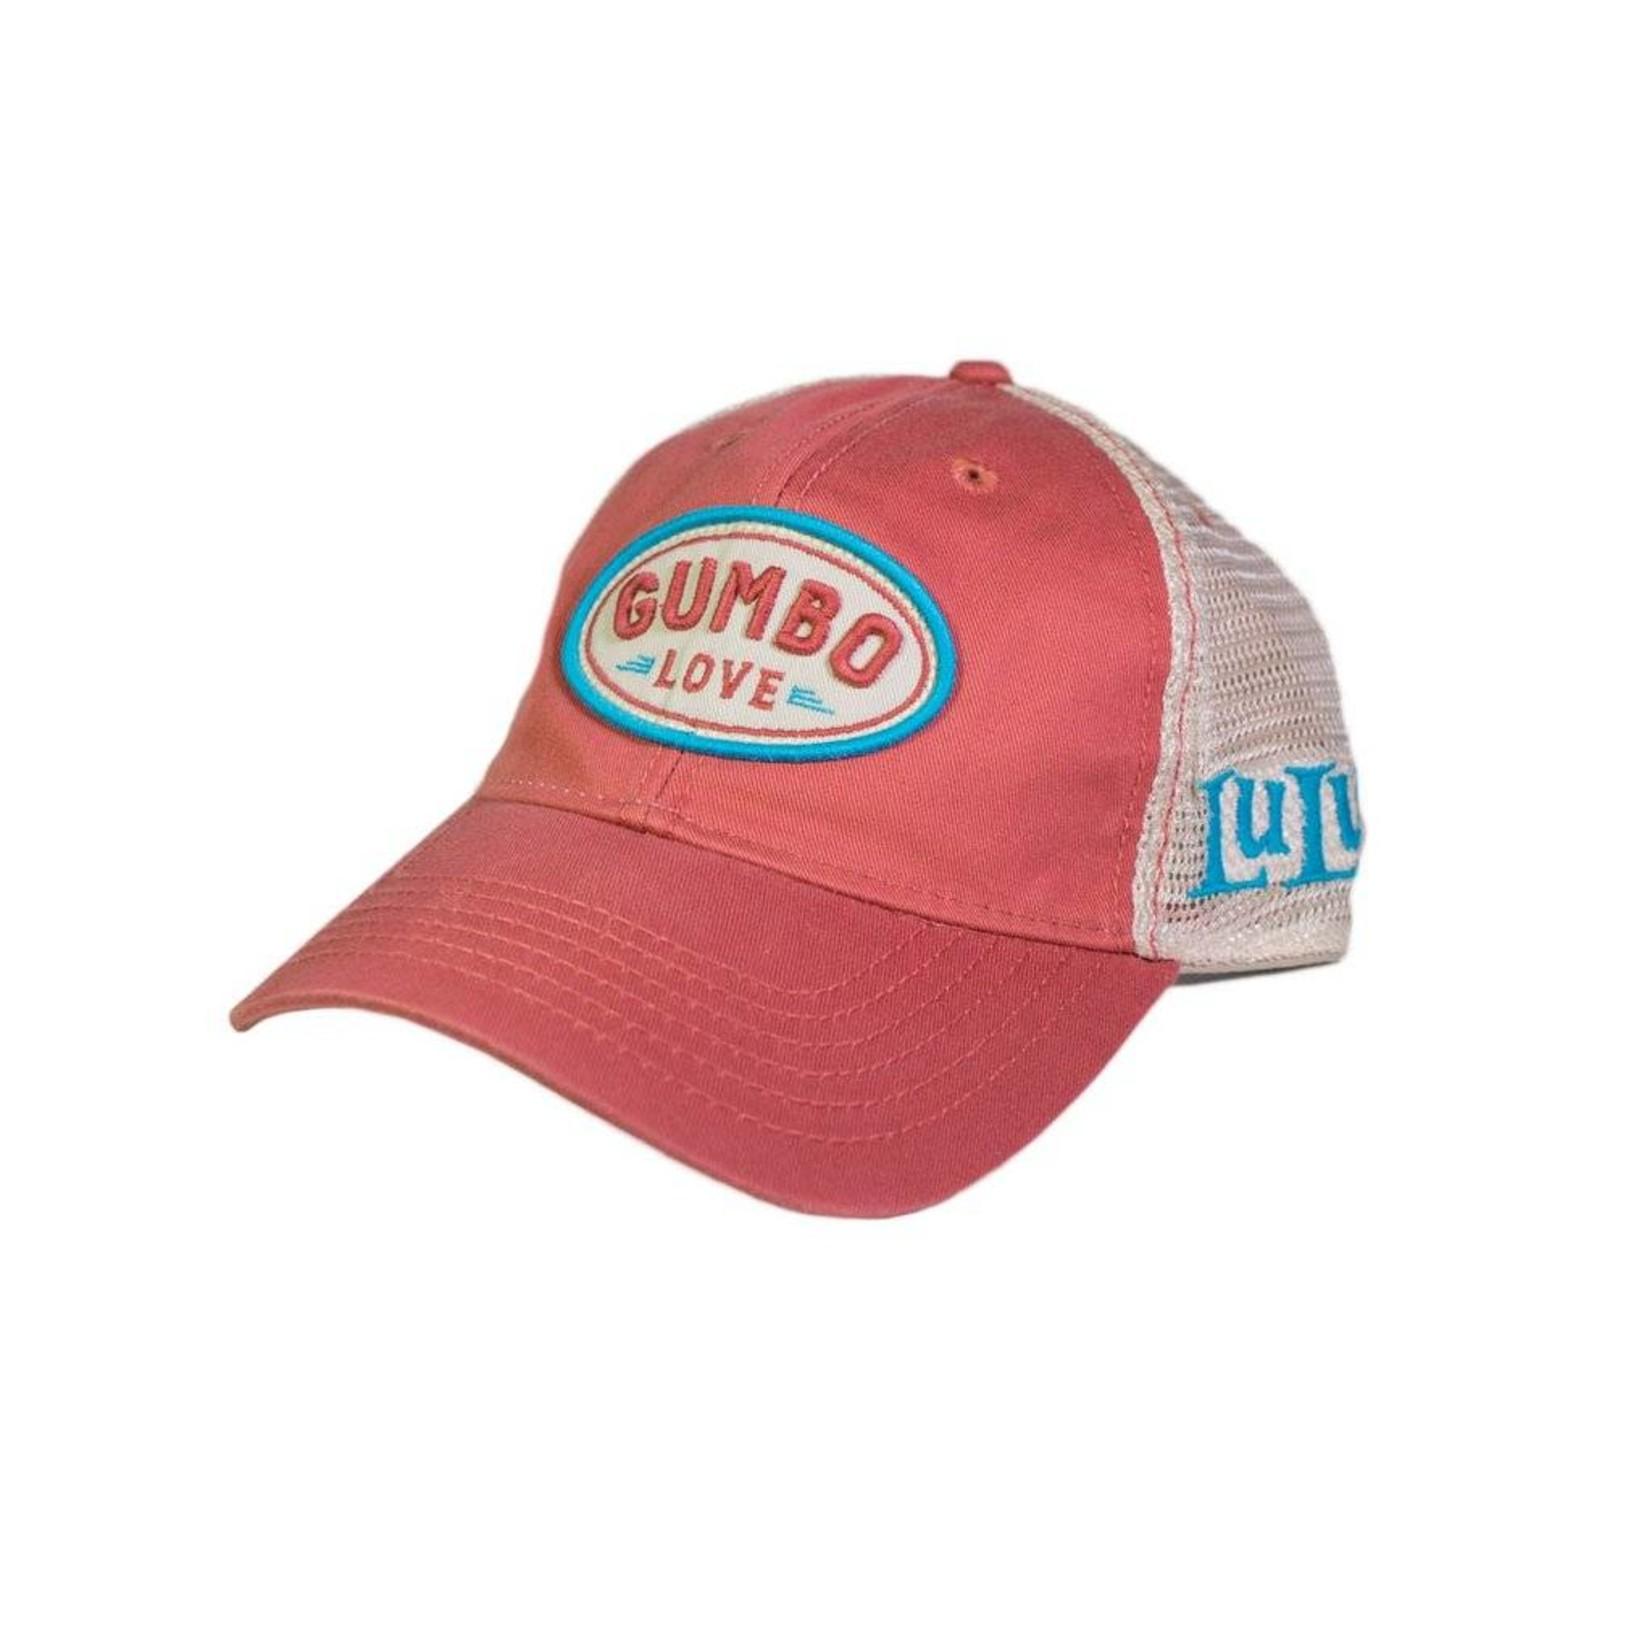 Gumbo Love Gumbo Love Patch Trucker Hat